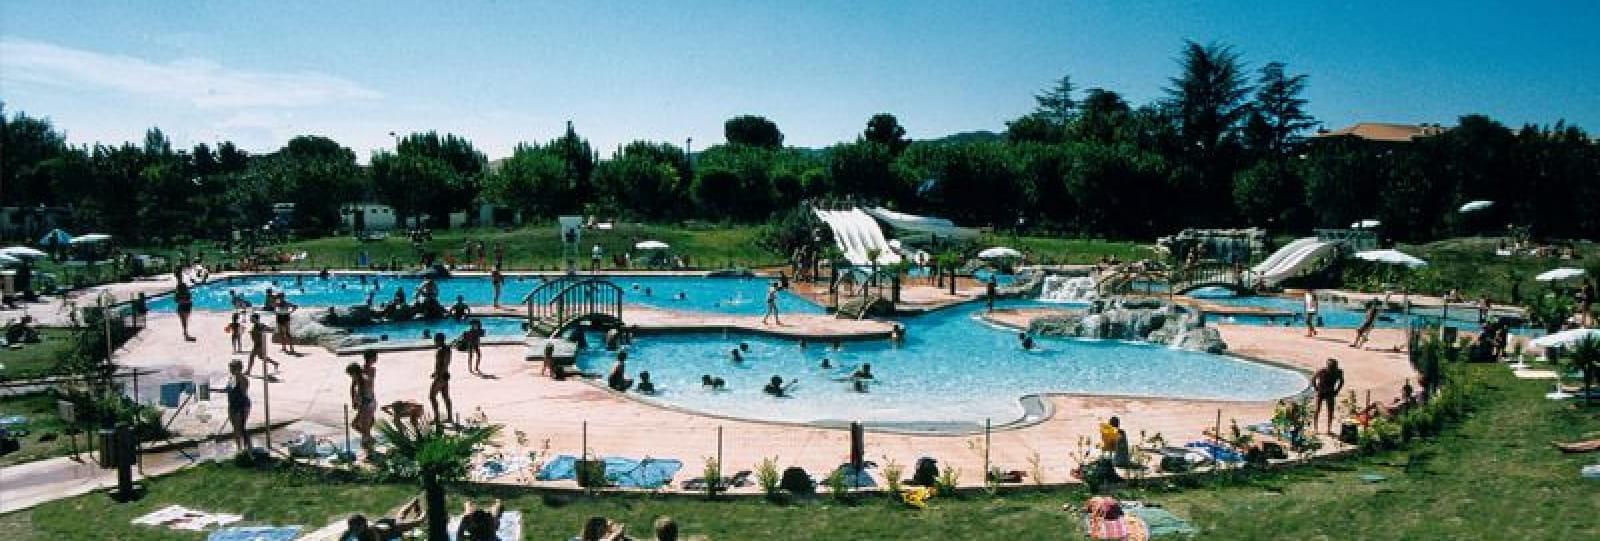 Nyonsoleïado Parc de Loisirs Aquatiques